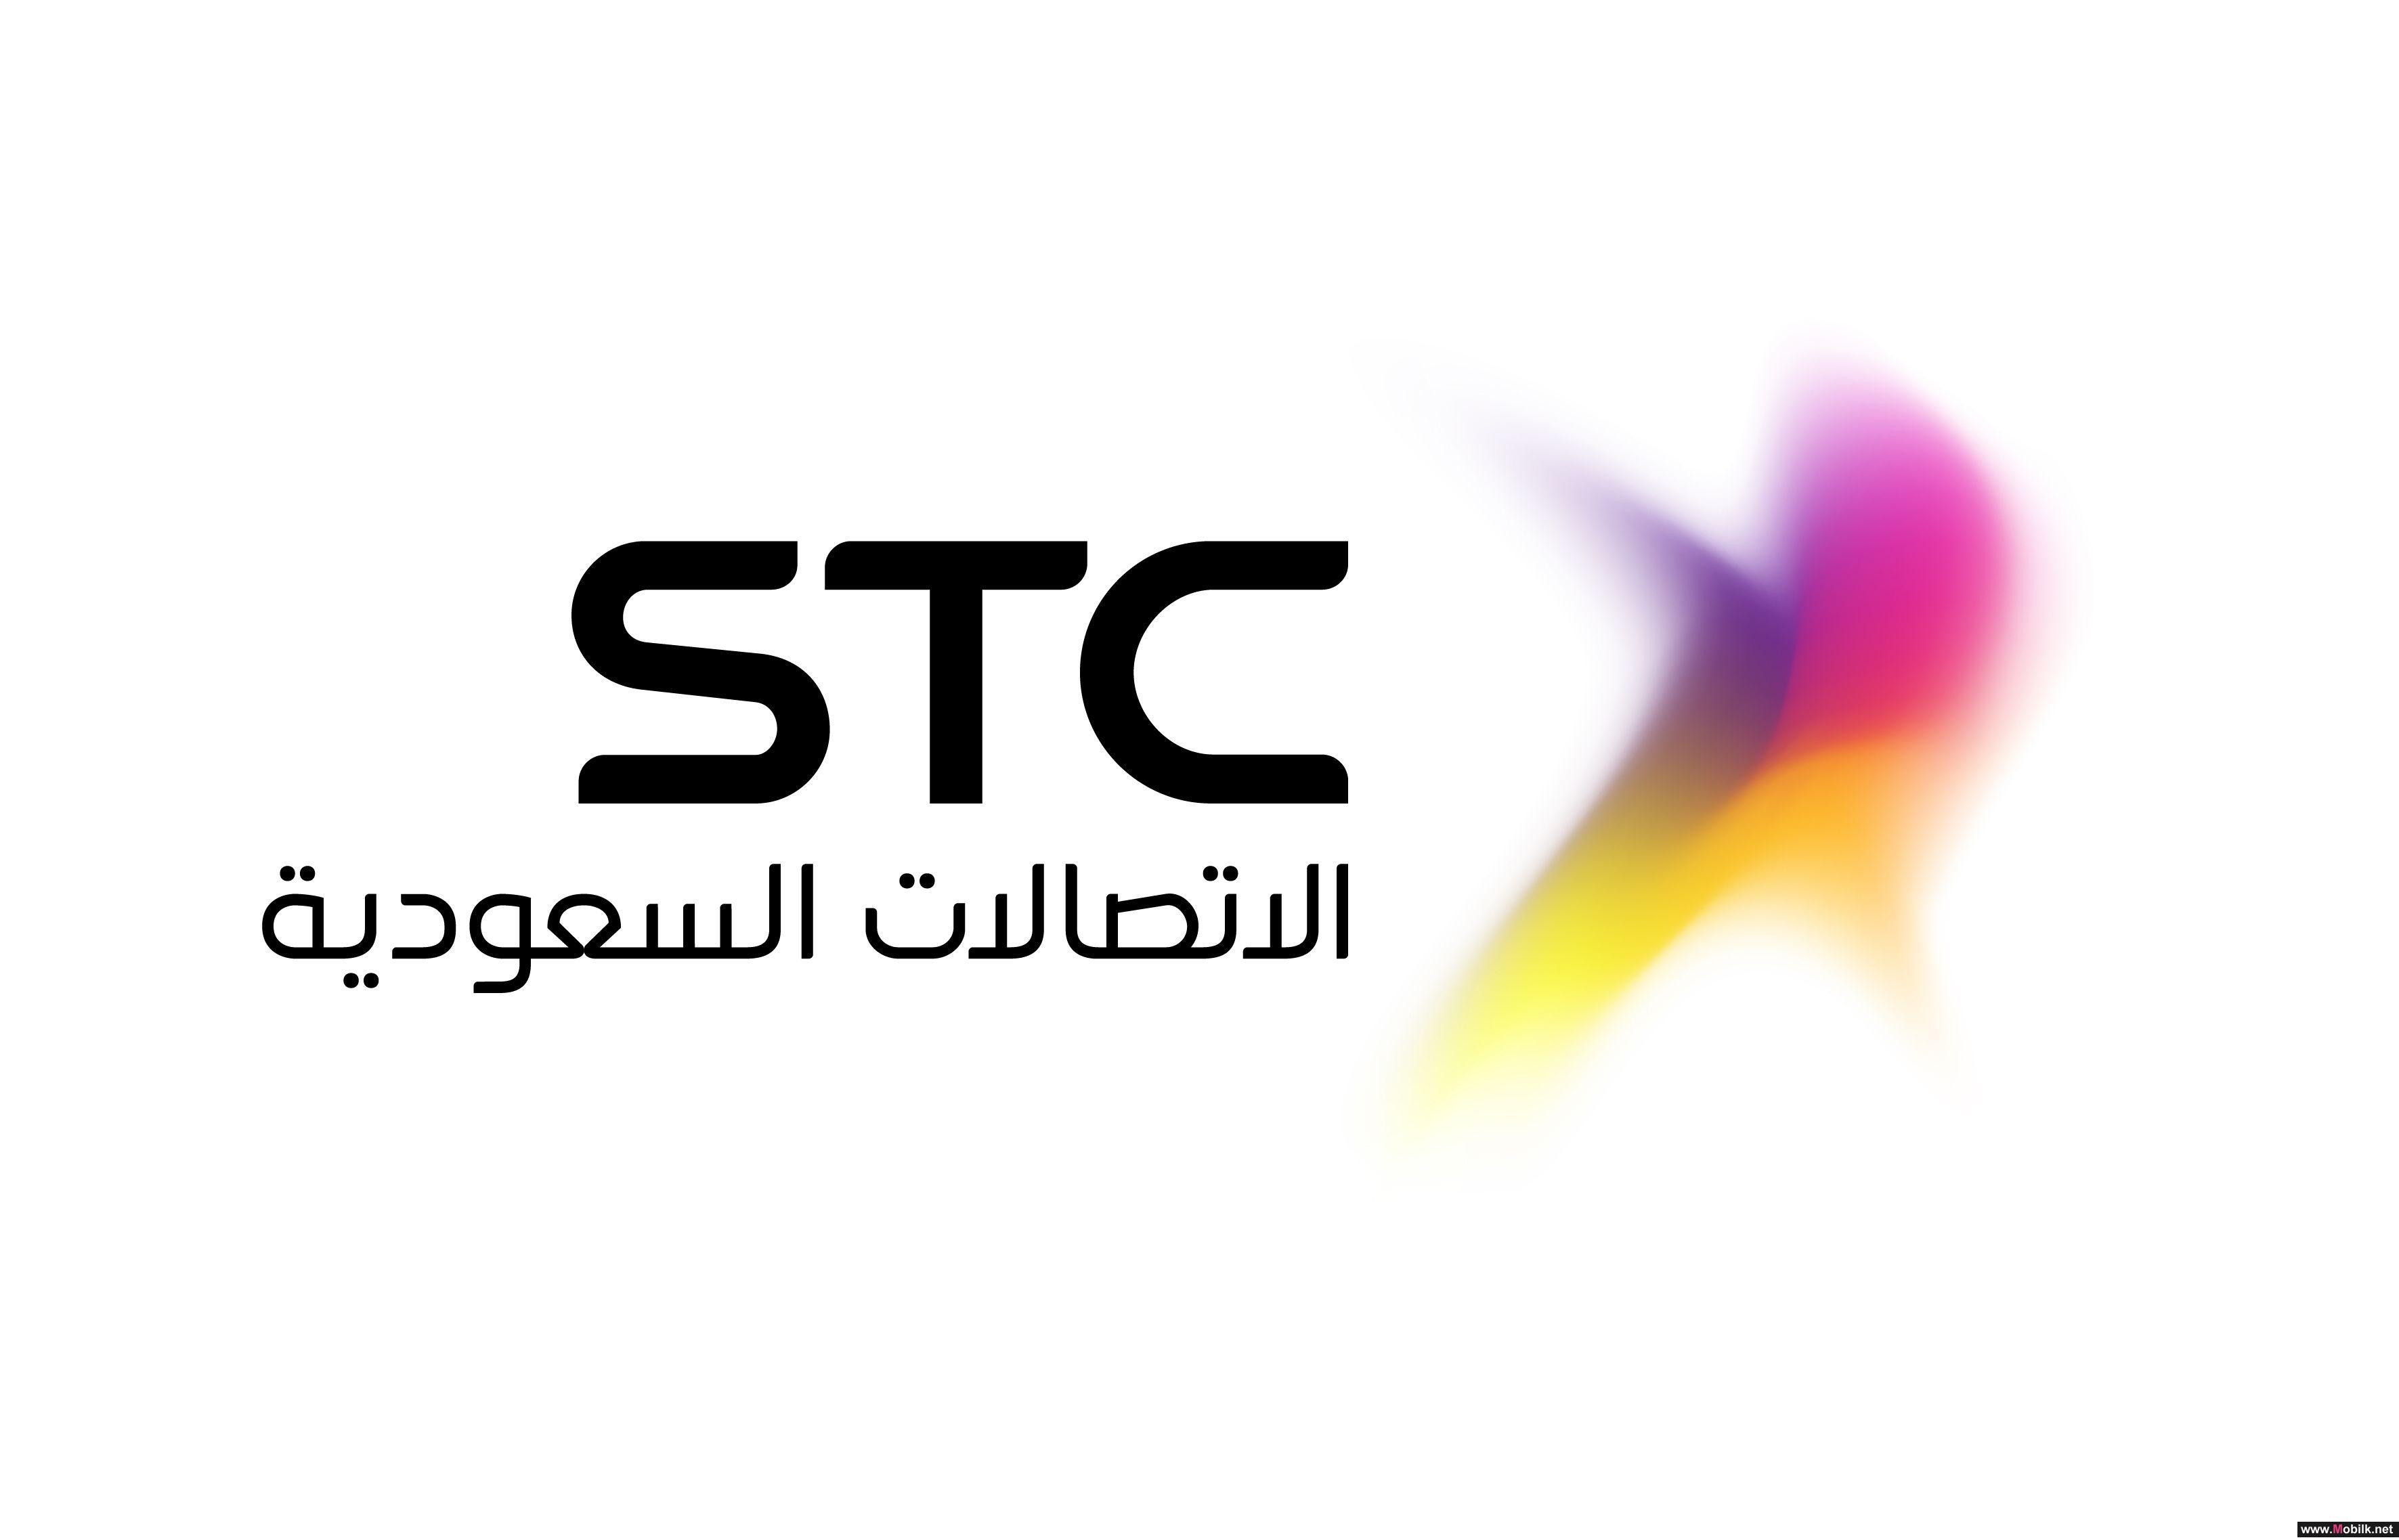 الاتصالات السعودية تفوز برخصة الطيف الترددي للنطاق (2300) ميجاهرتز بقيمة (360) مليون ريال سعودي